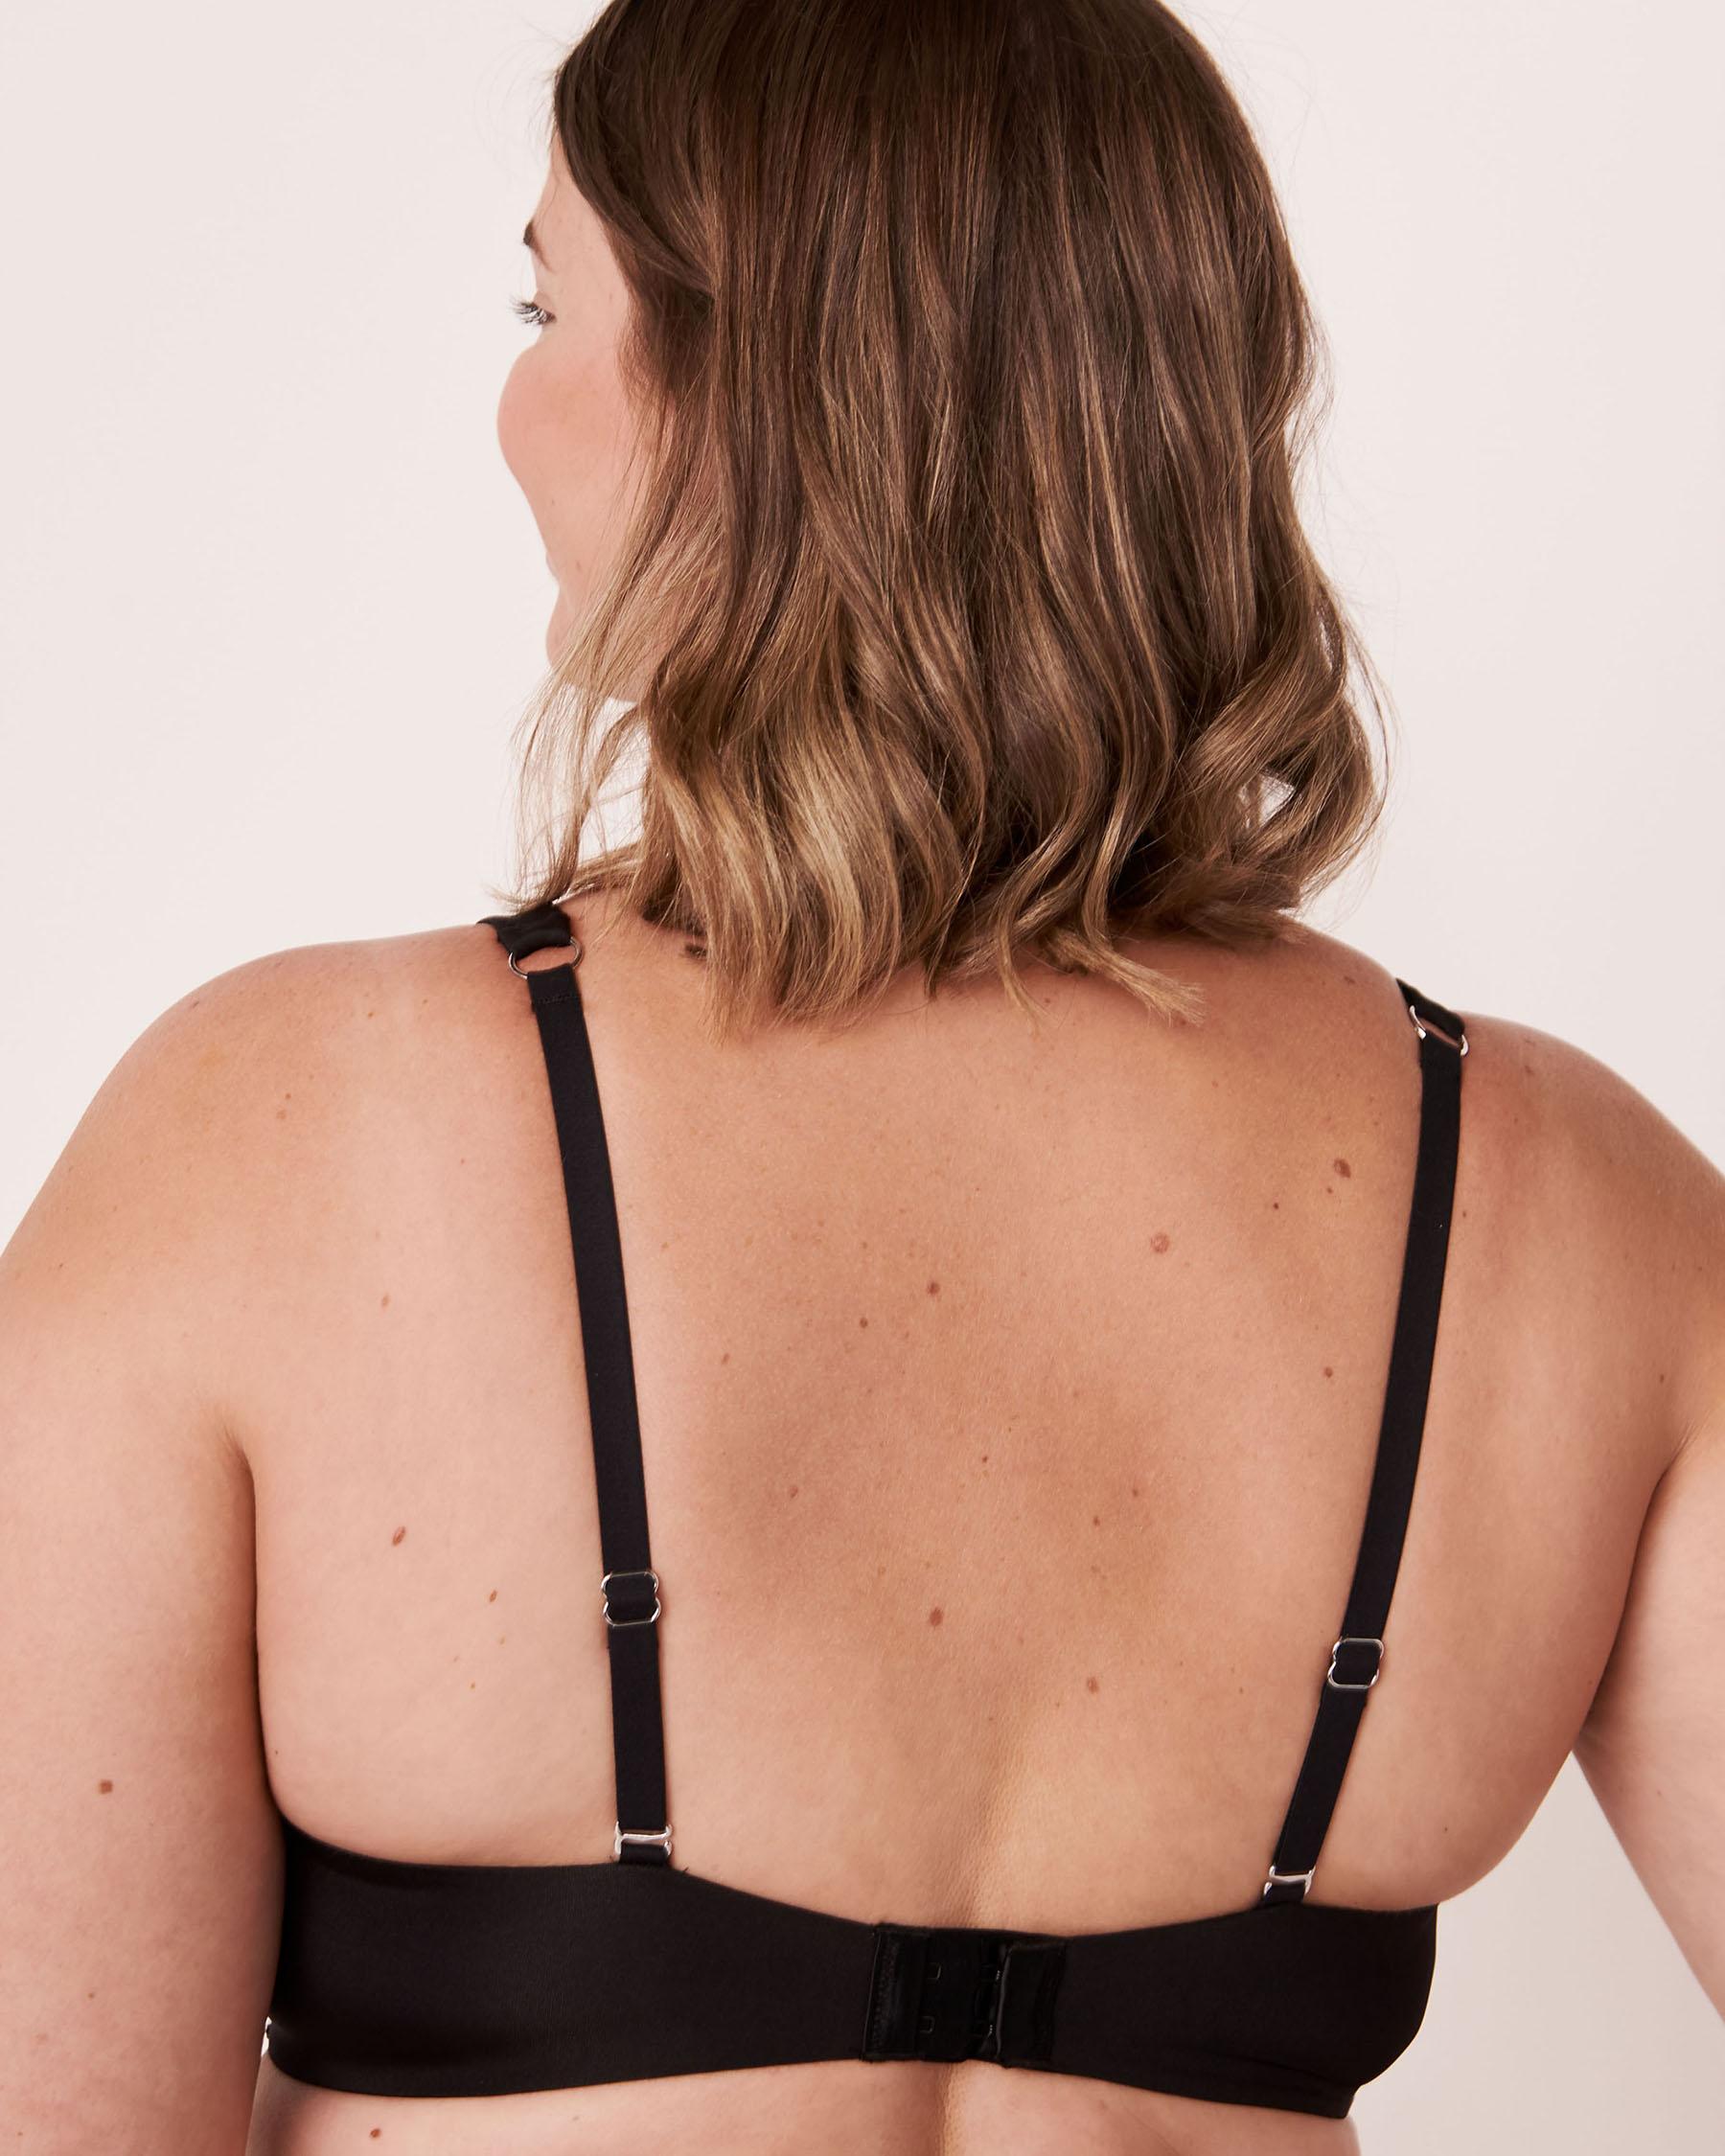 LA VIE EN ROSE Soutien-gorge doublure légère flexible couvrant Noir 10200078 - Voir6